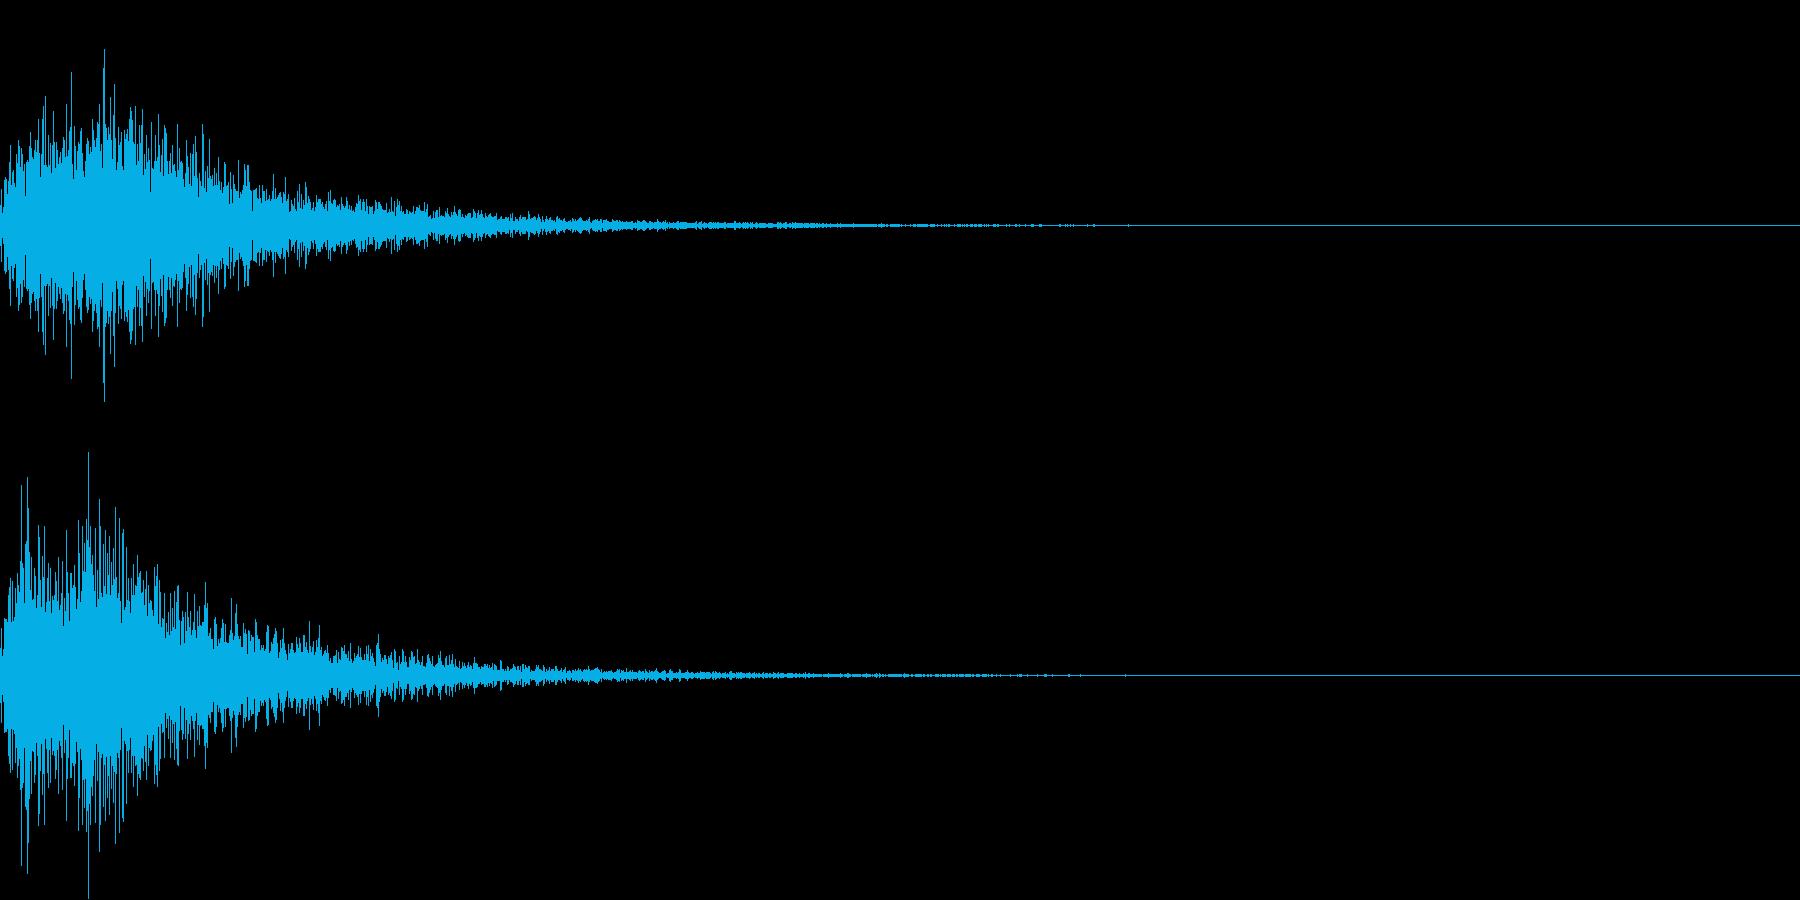 カカン!和風な歌舞伎の床音(附け木)01の再生済みの波形